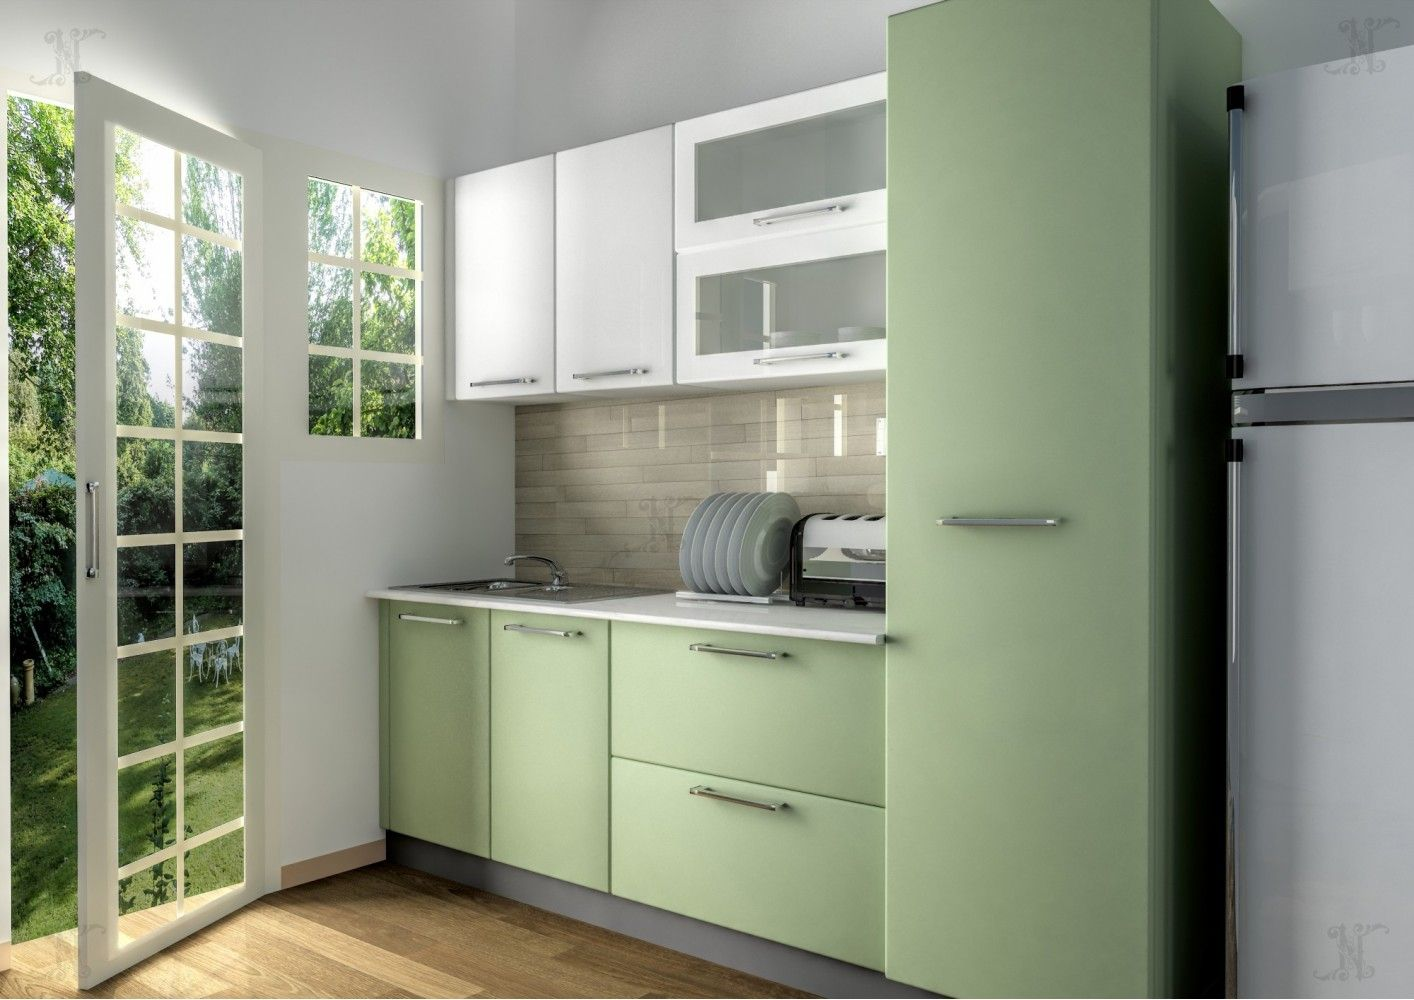 indian parallel kitchen interior design google search modern kitchen design interior design on kitchen interior parallel id=21807